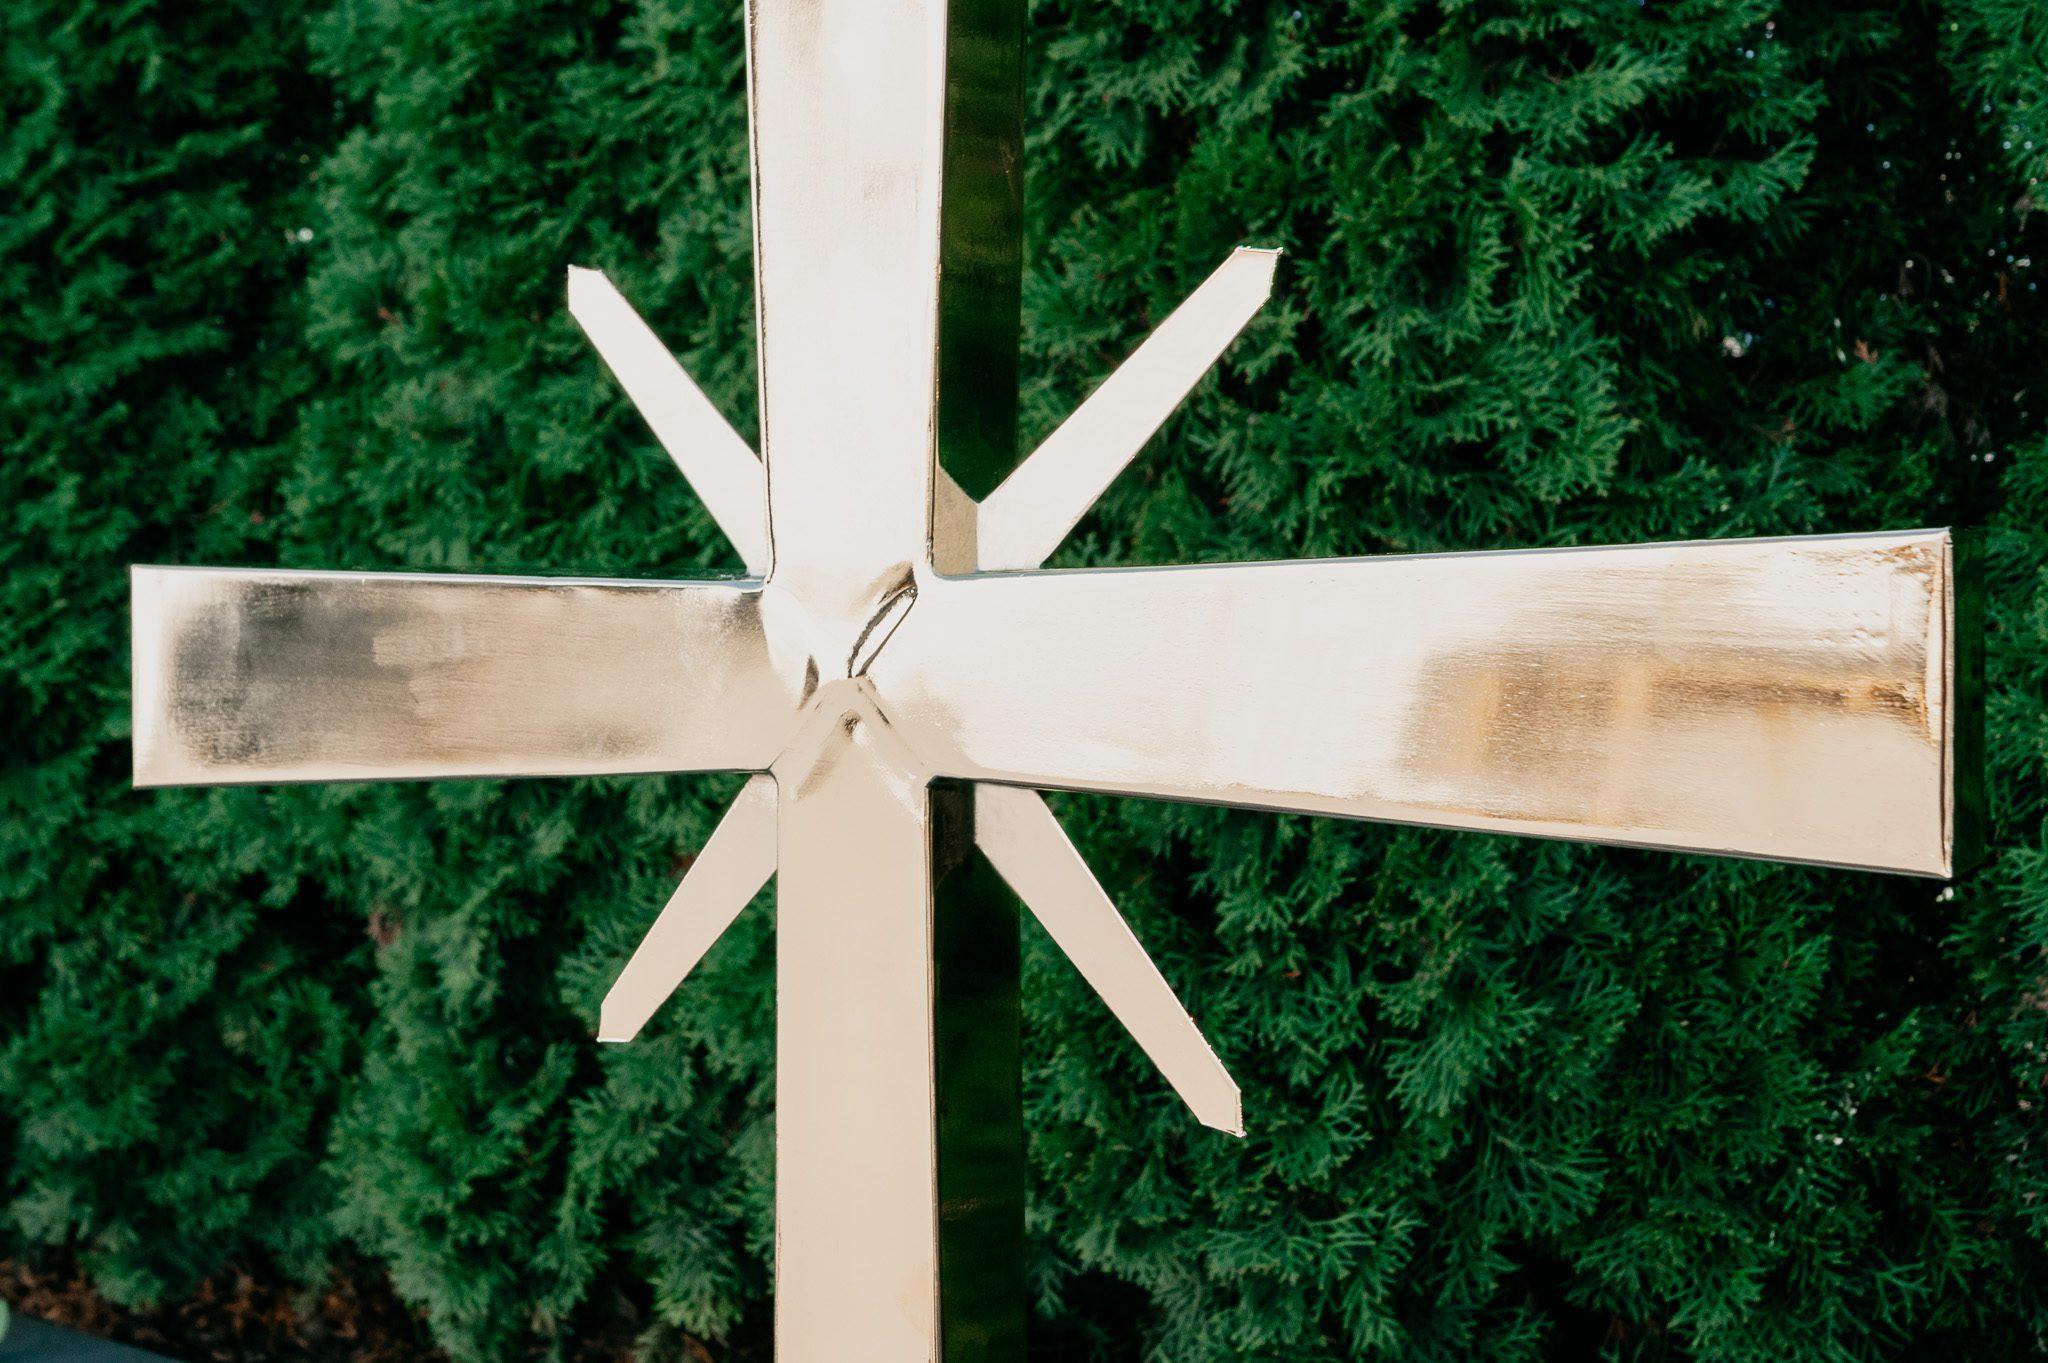 Pozłacanie, złocenie krzyża